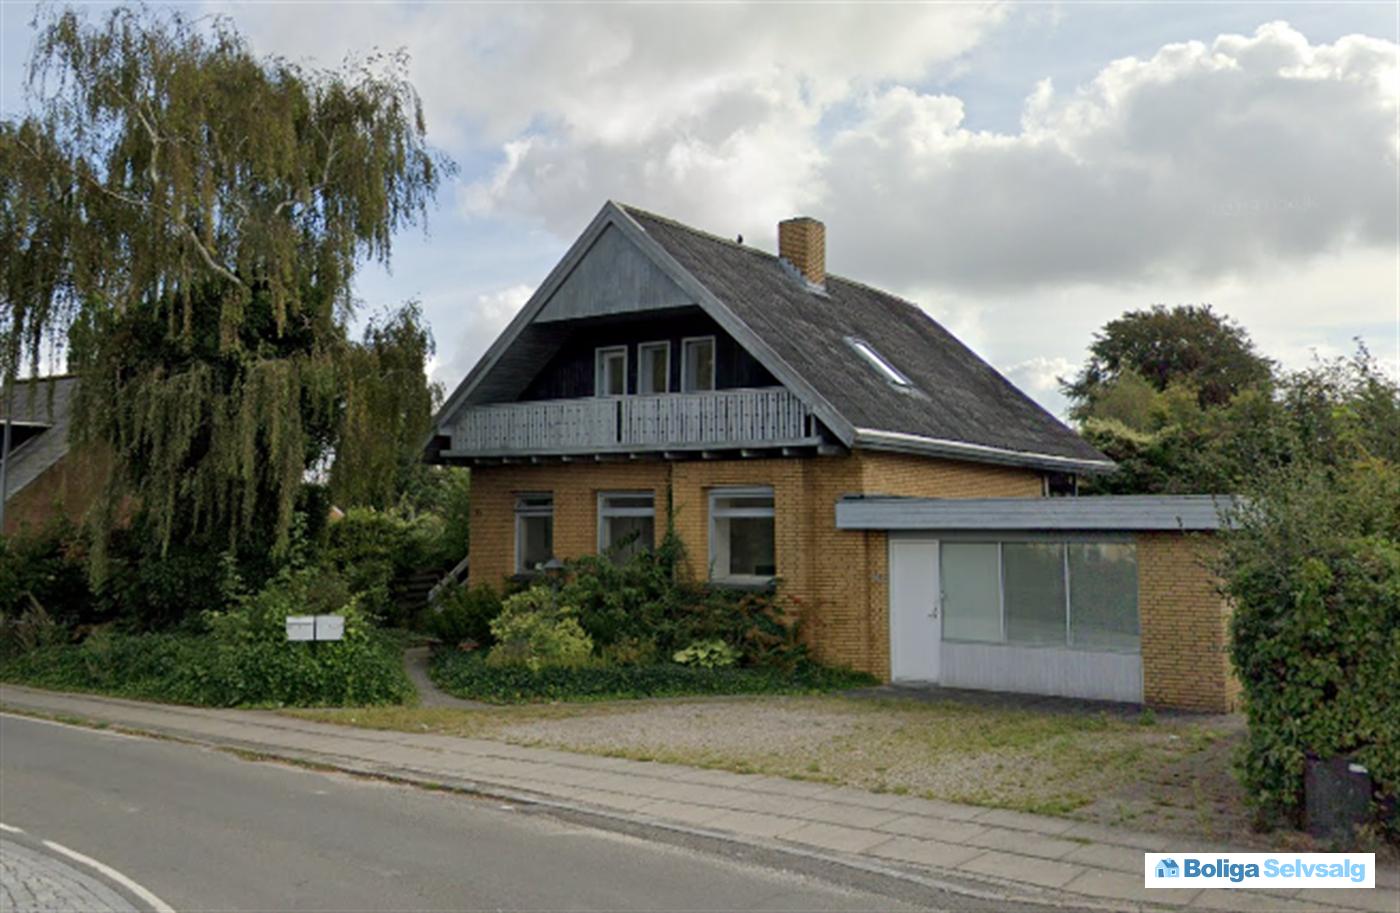 Odensevej 25, 5260 Odense S